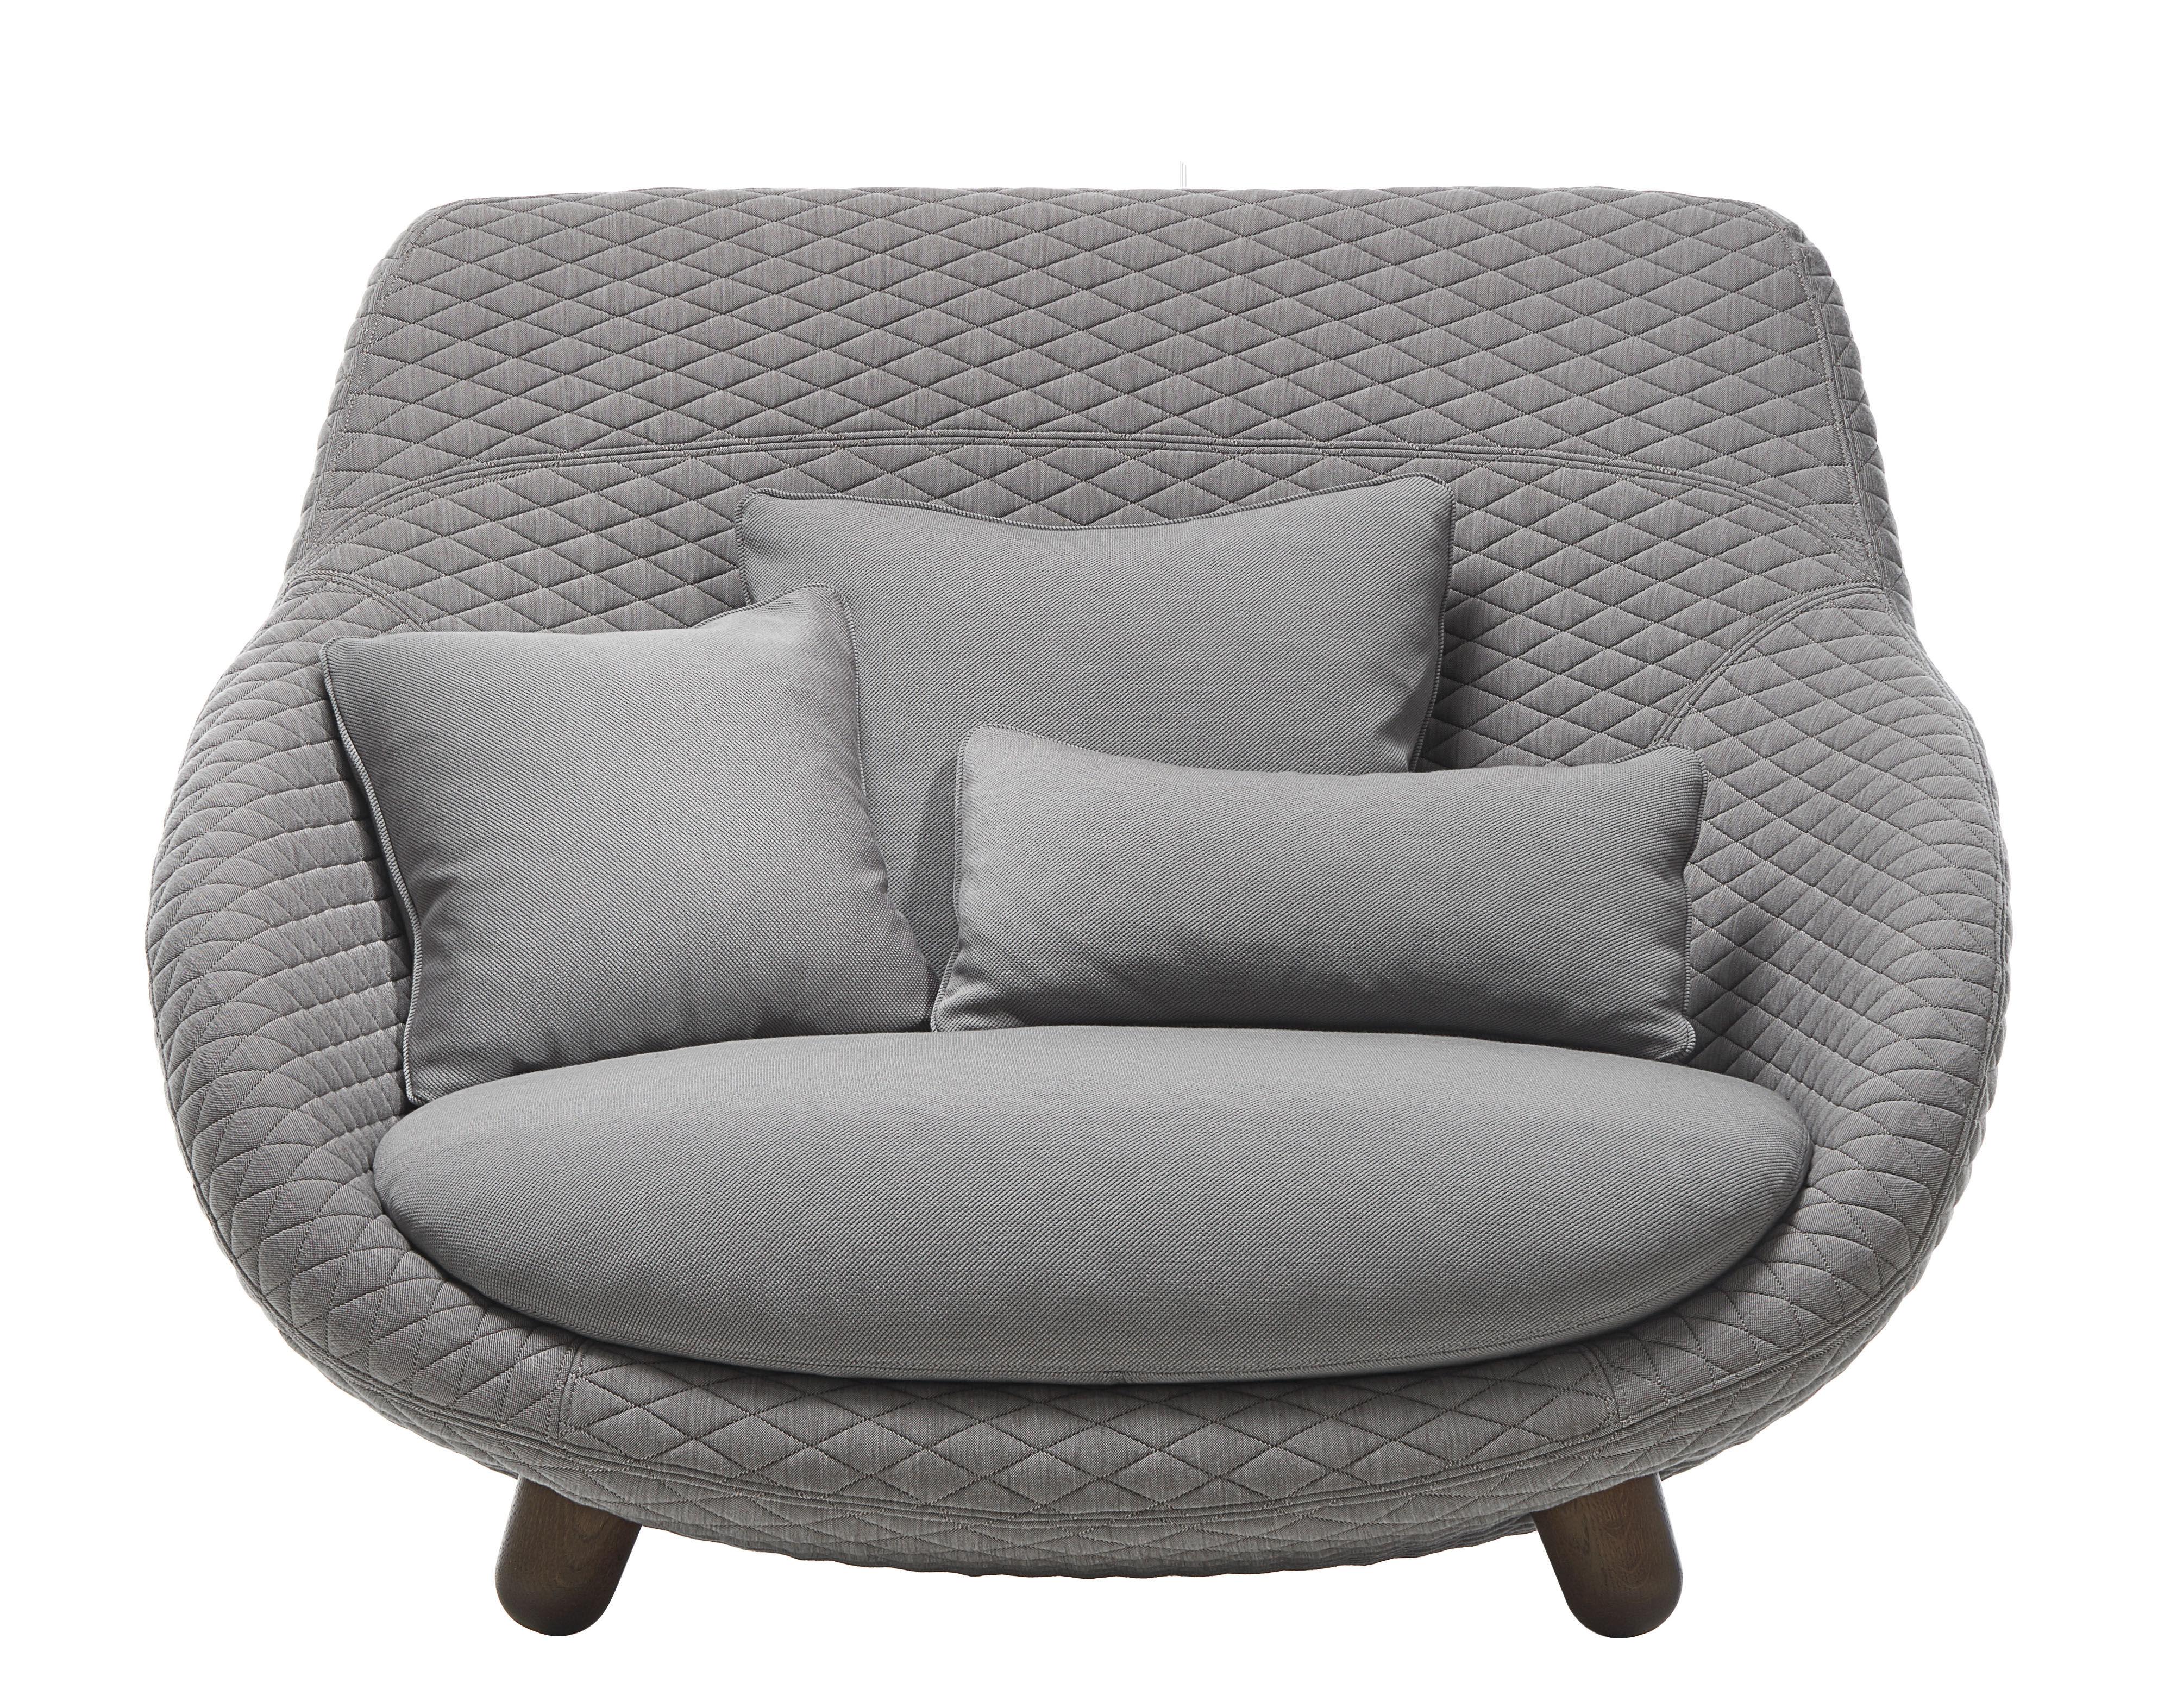 Möbel - Sofas - Love High Sofa / Hohe Rückenlehne - 2-Sitzer - L 129 cm - Moooi - Grau / Kissen grau / Holz zimtfarben - getönte Eiche, Gewebe, Schaumstoff, Stahl